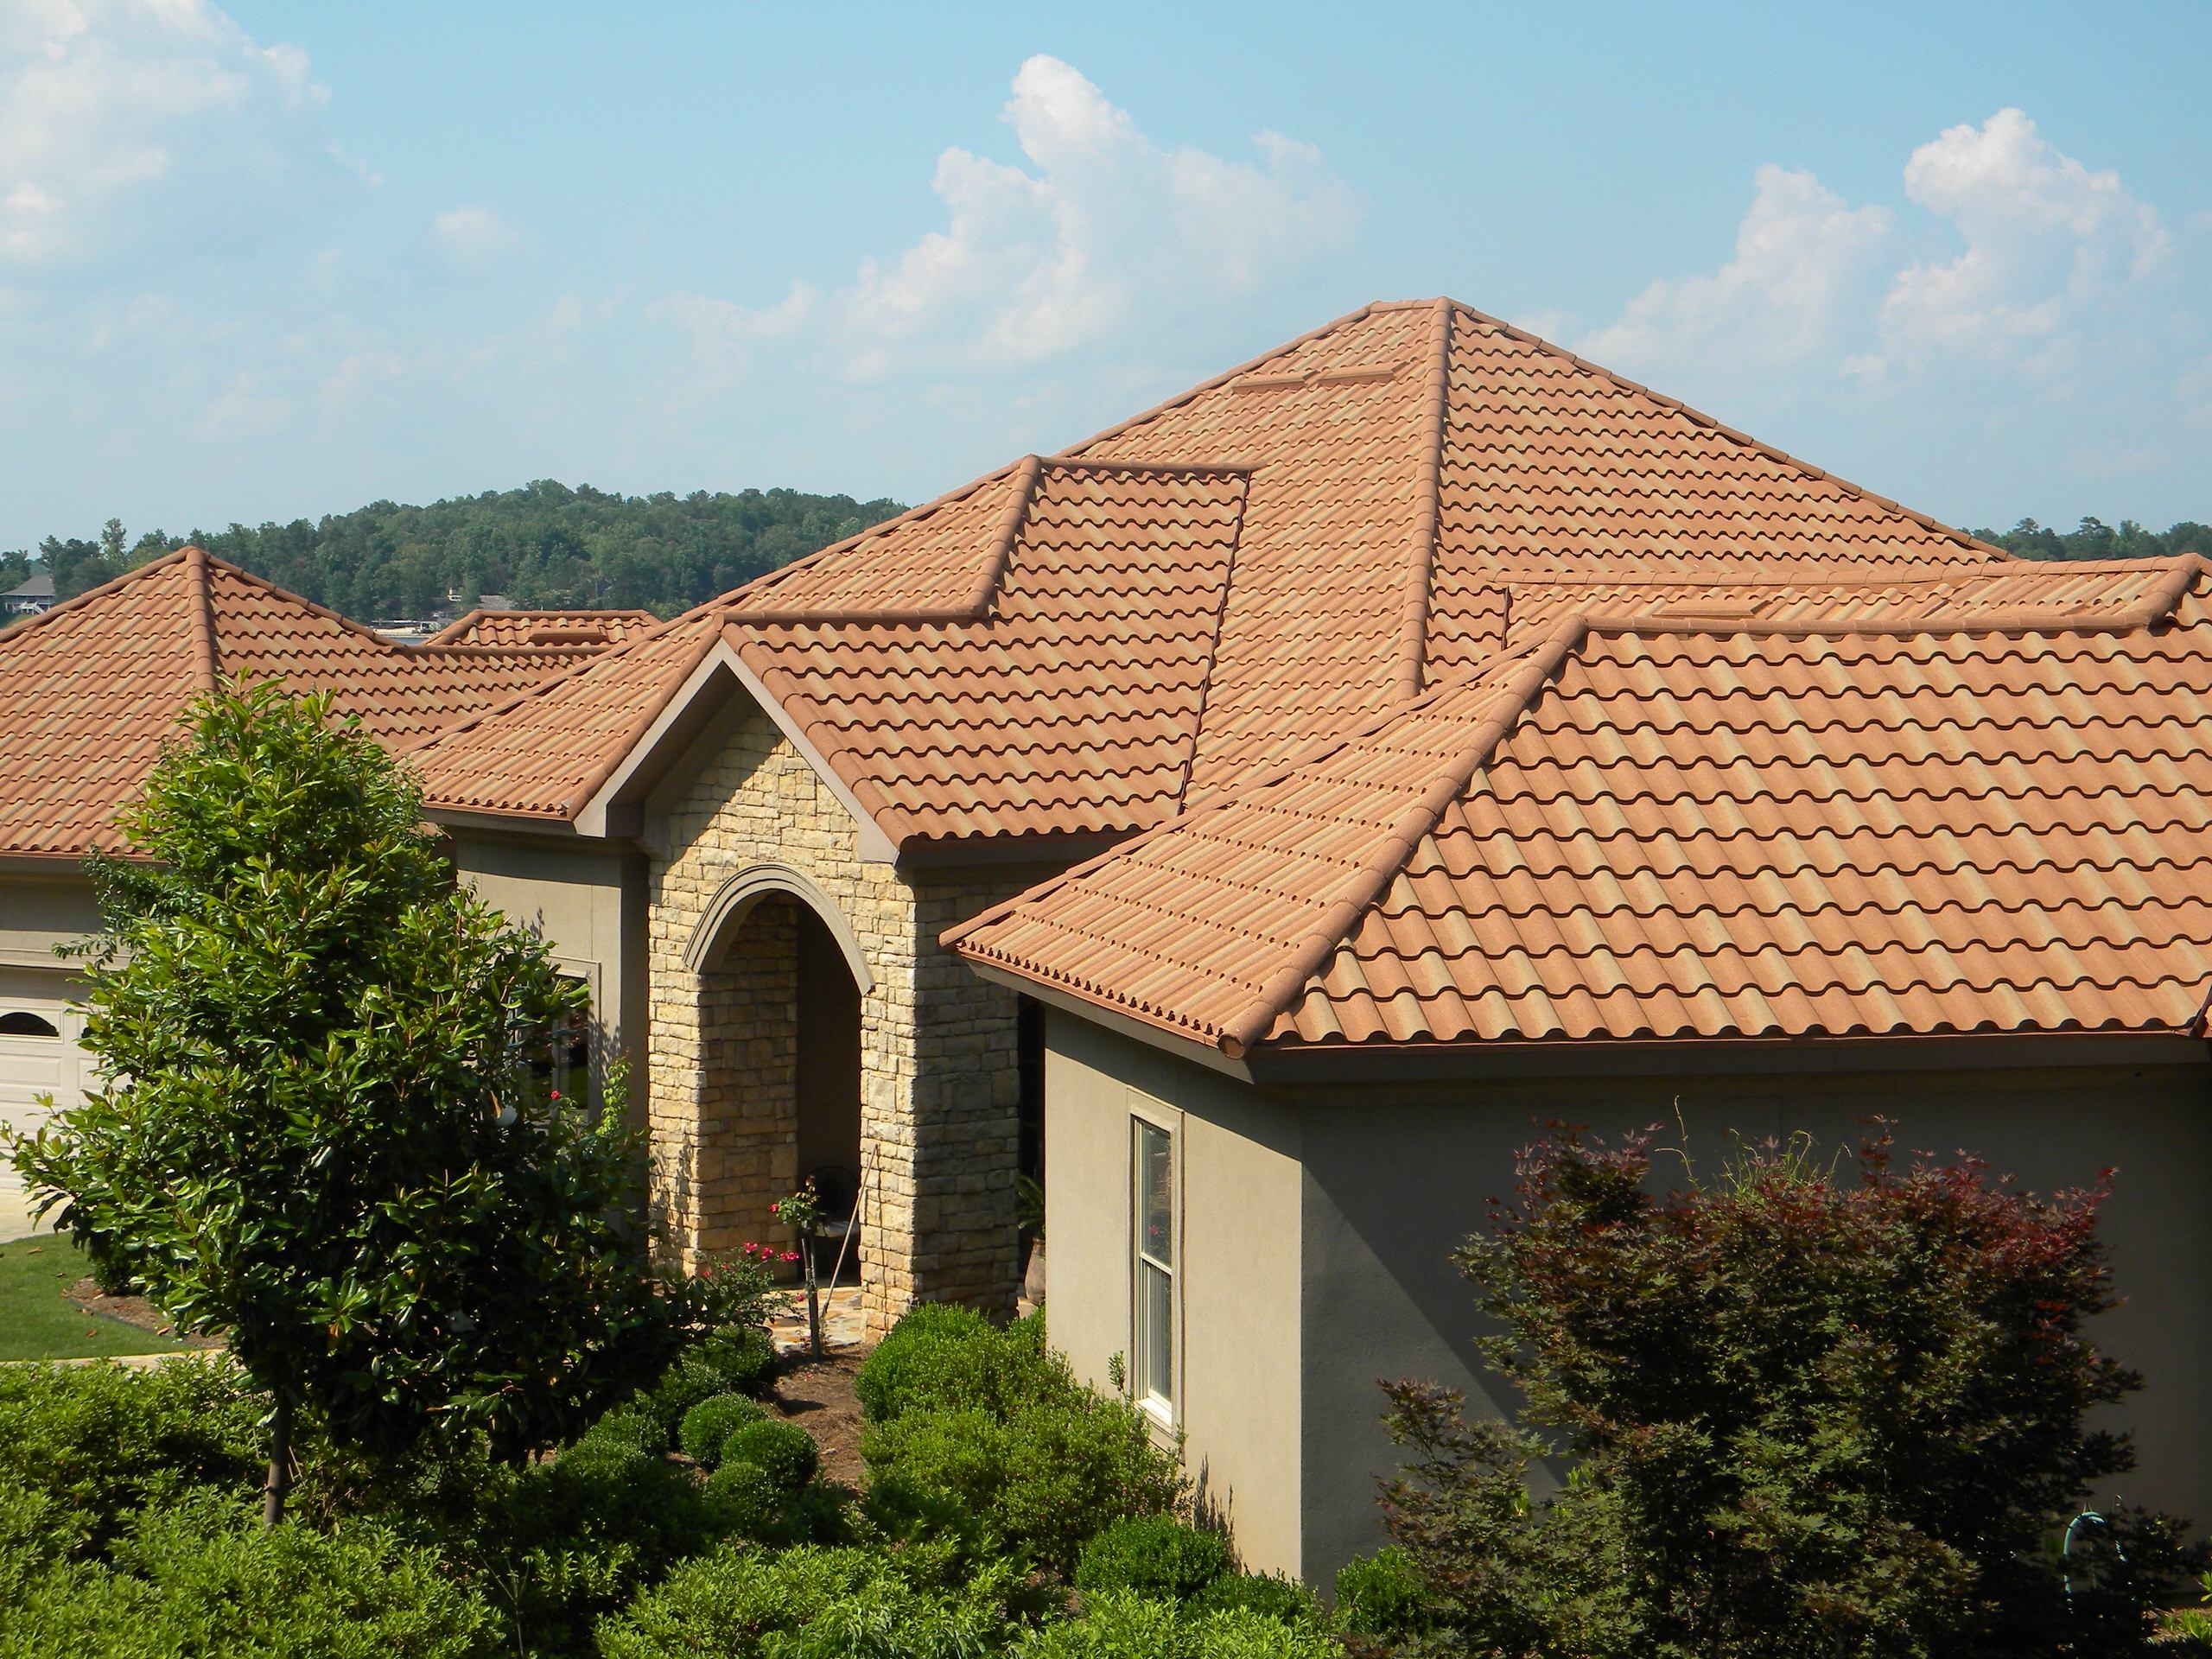 Corrugated Metal Roof Mediterranean | Houzz